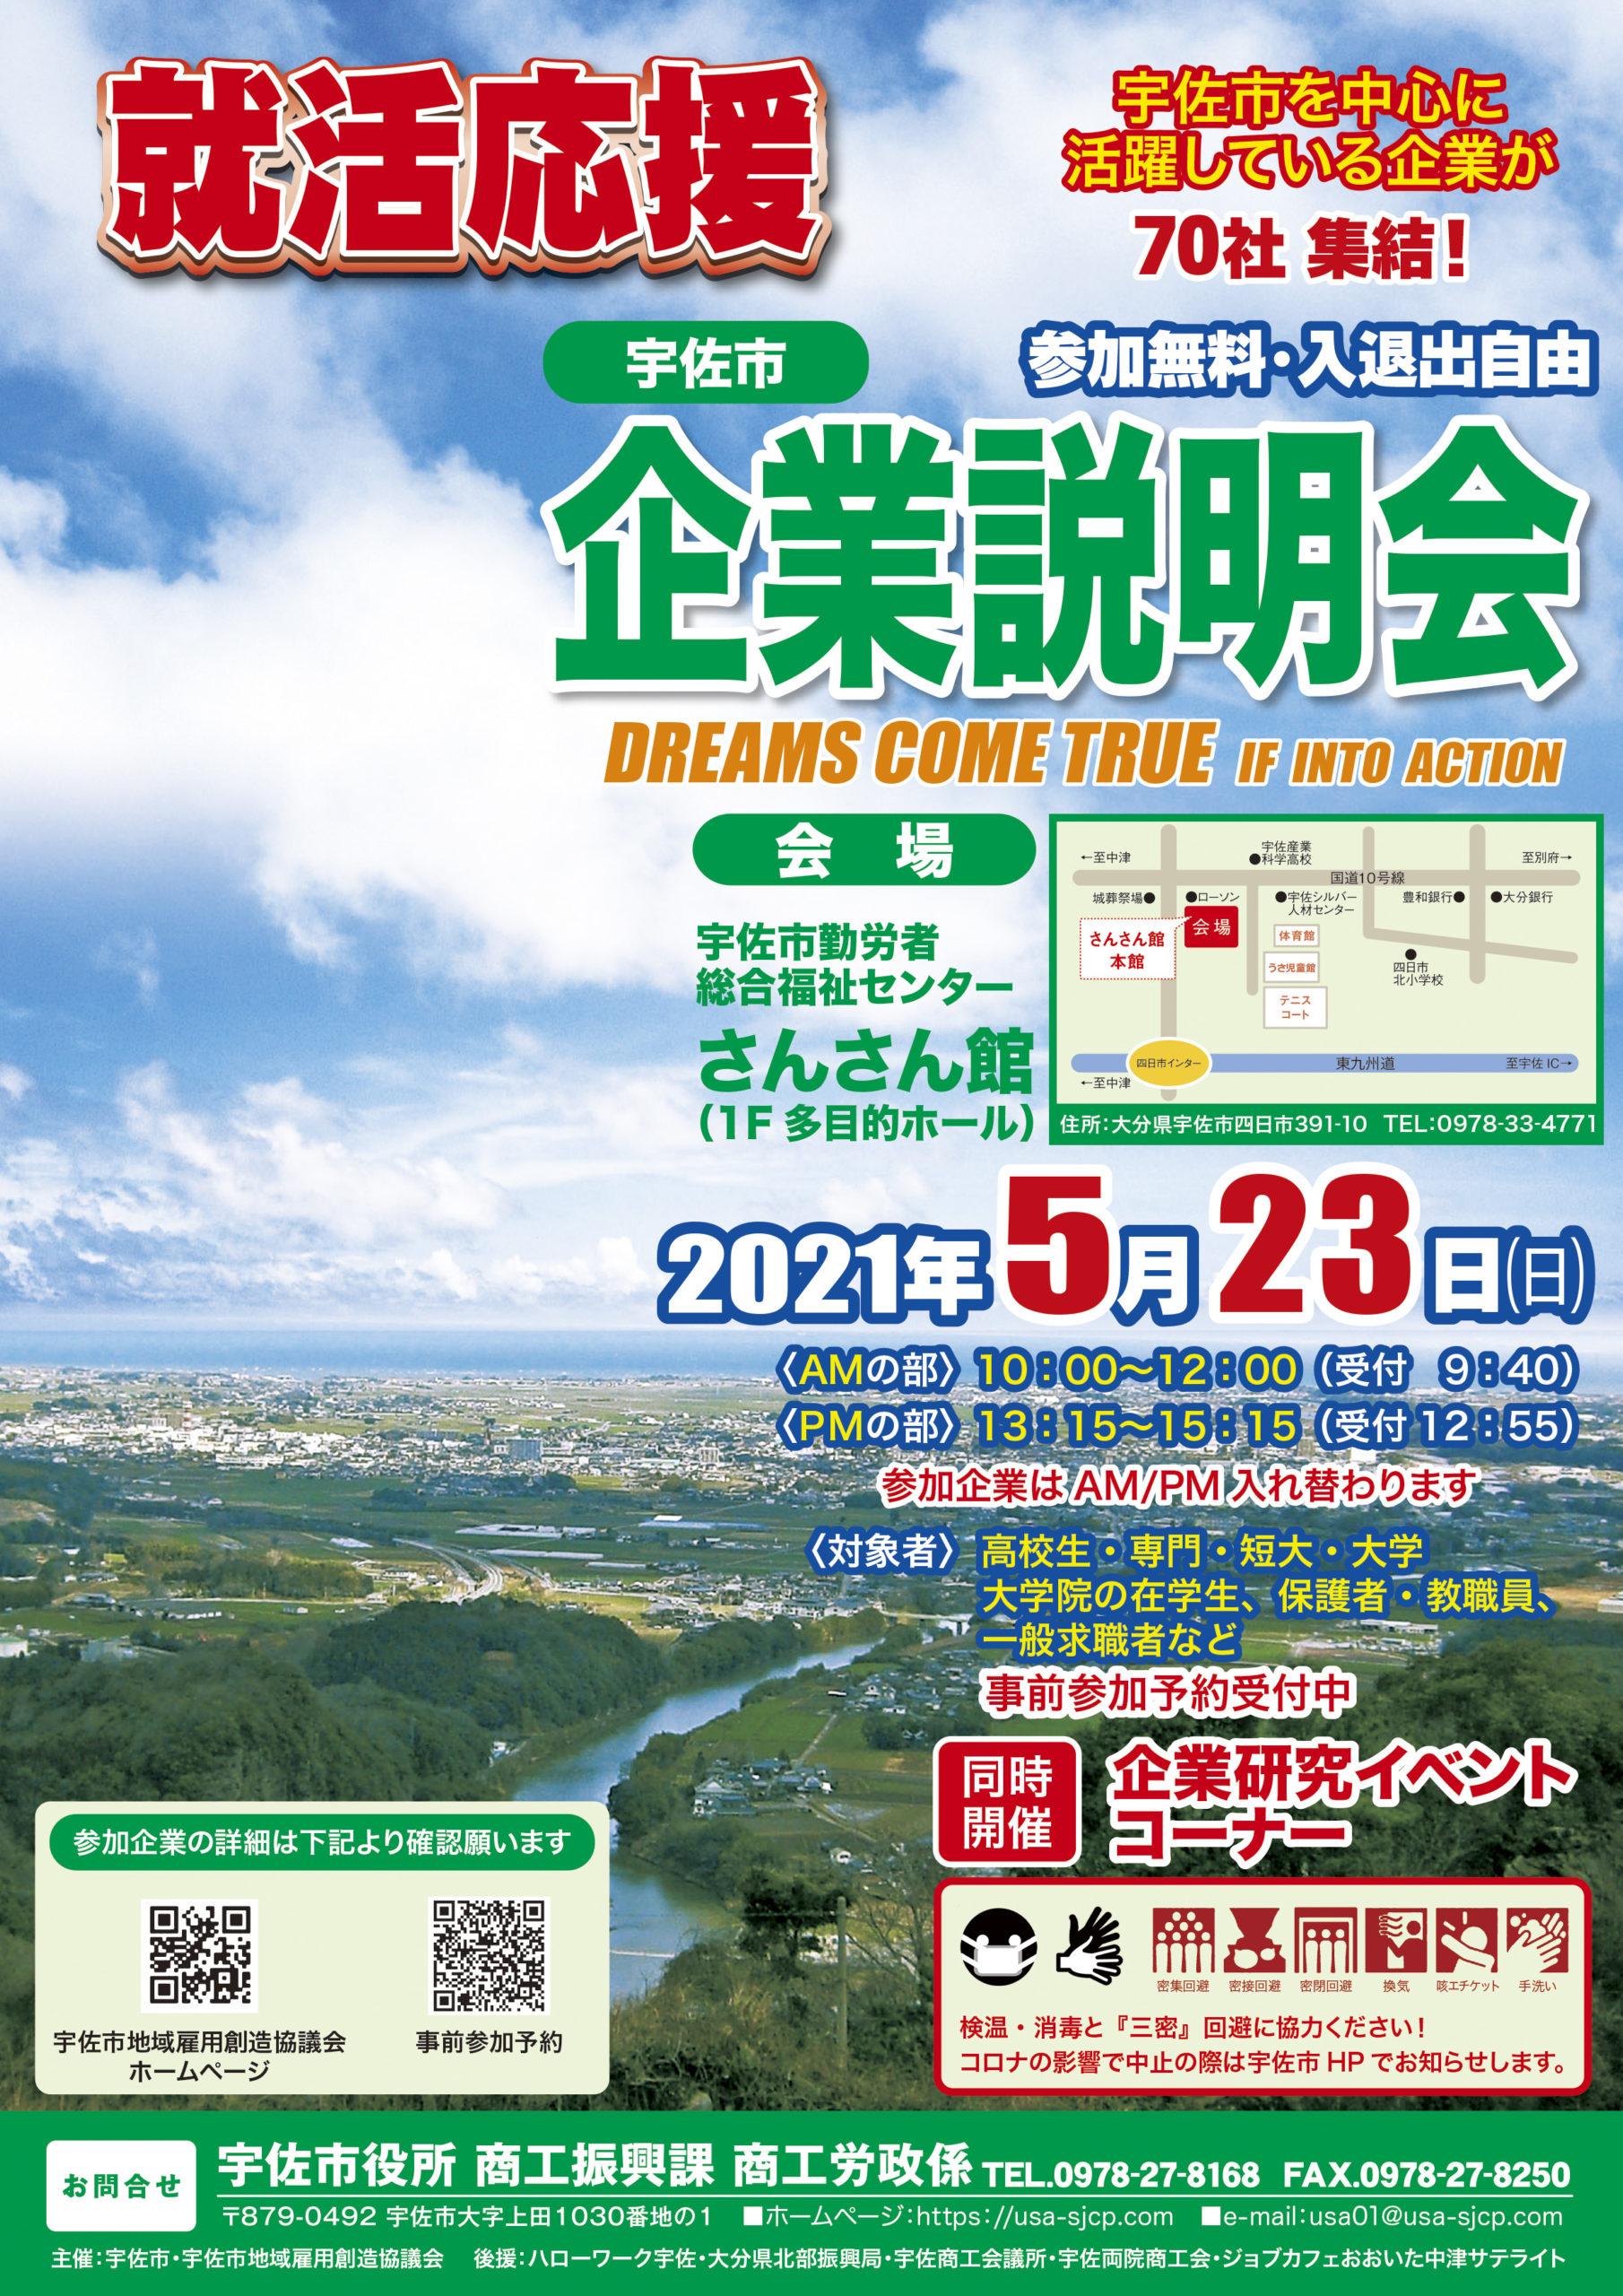 Kigyo setsumeikai 2021 05 a4 scaled